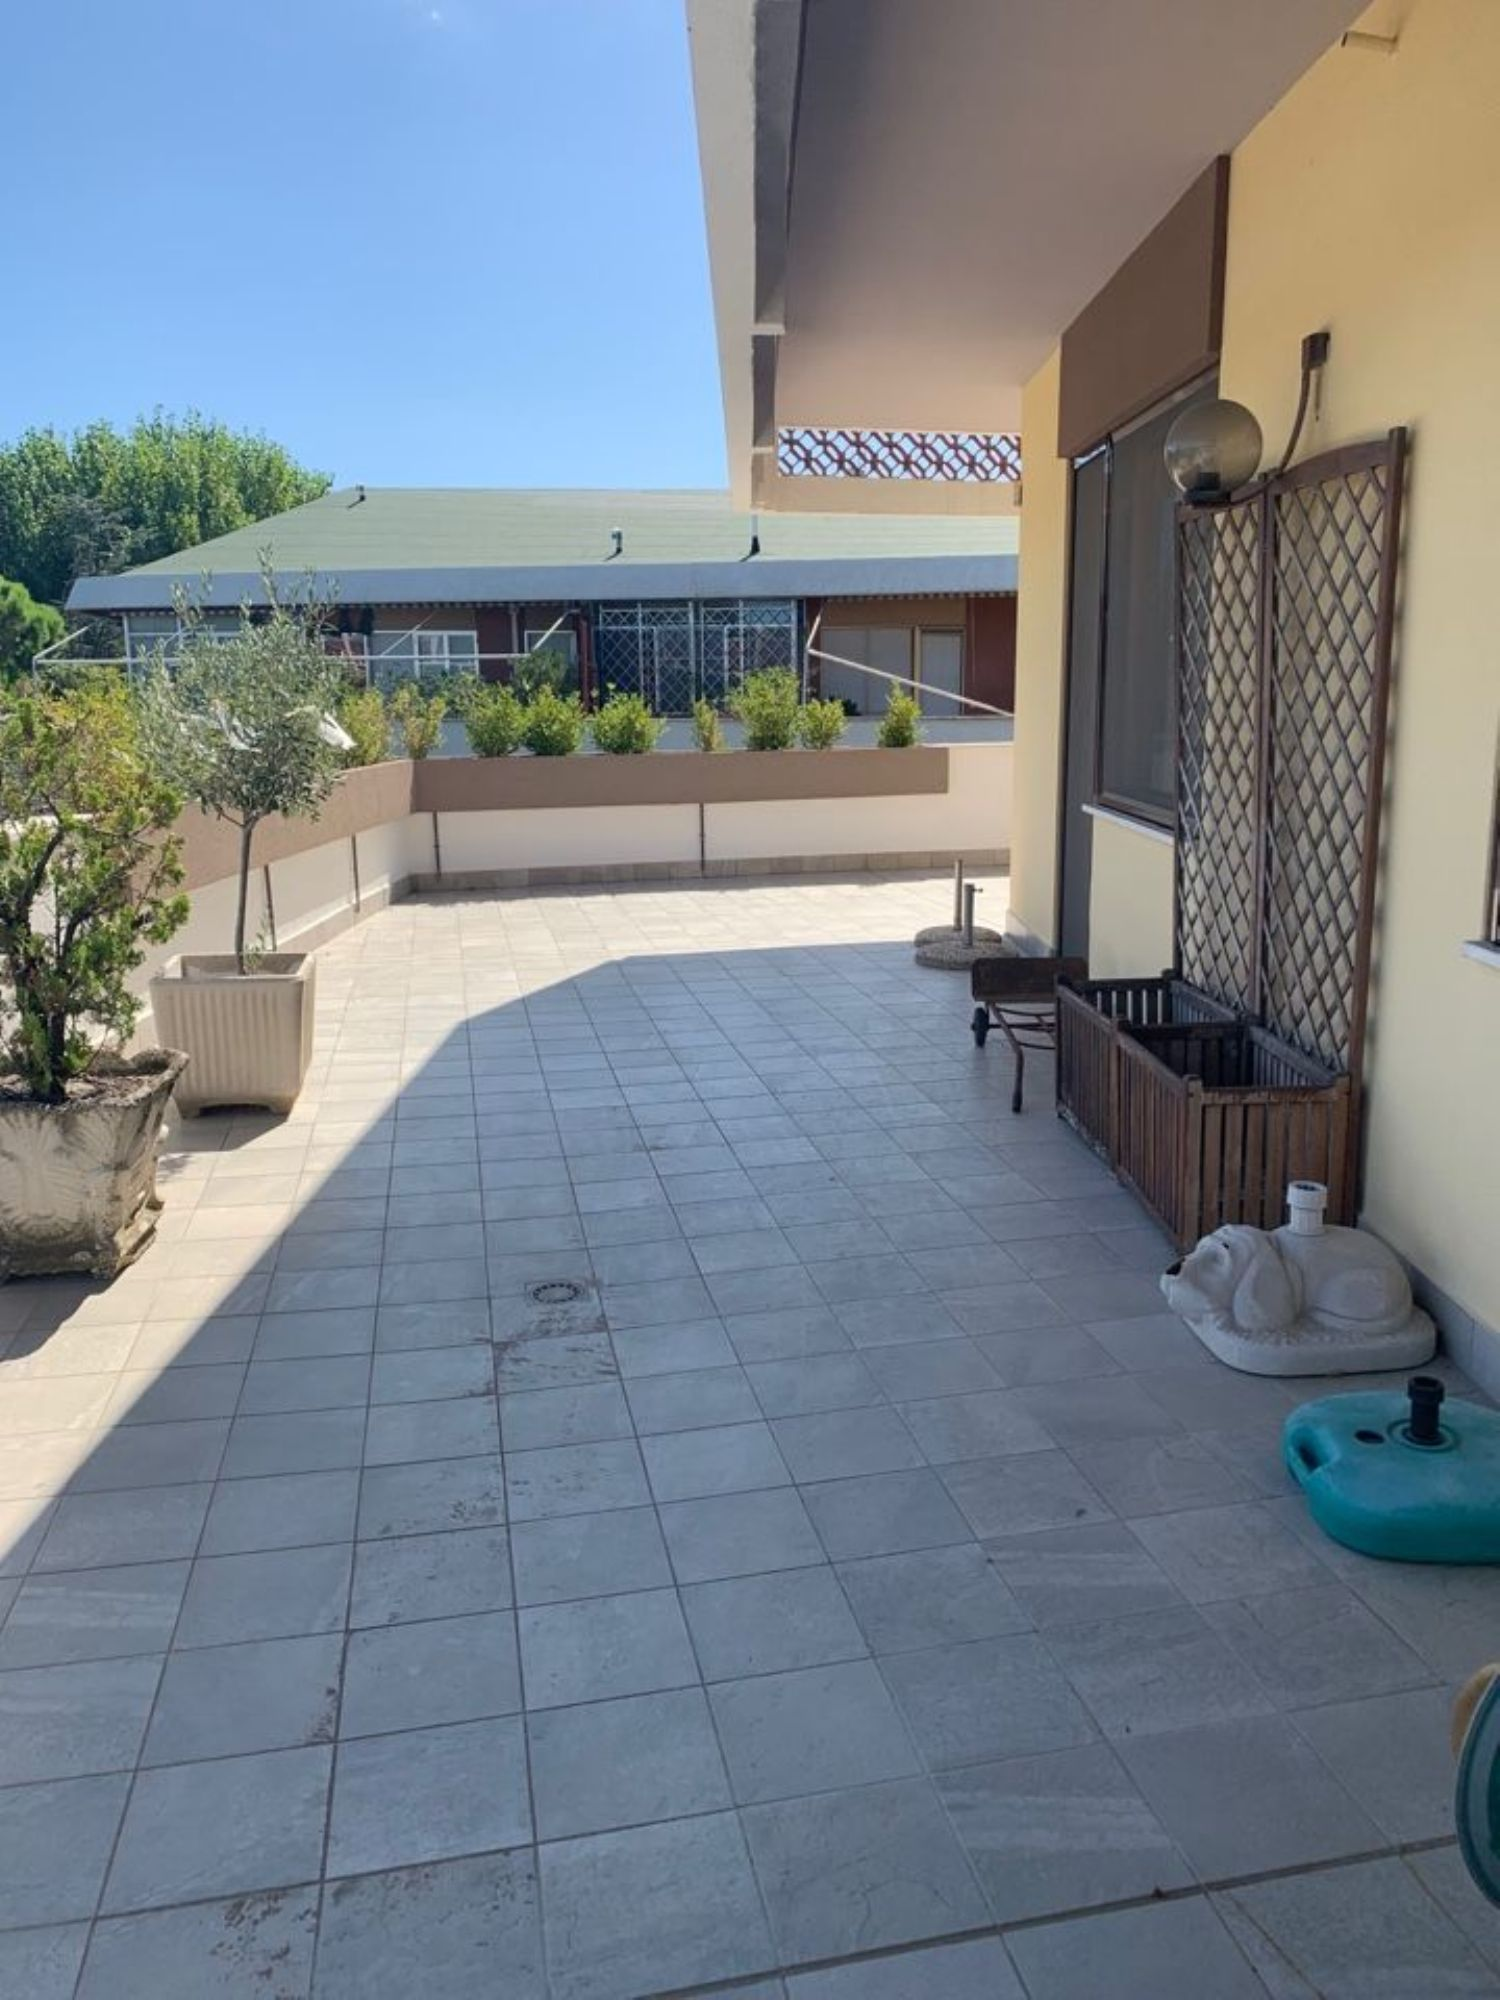 Attico / Mansarda in vendita a Pescara, 6 locali, prezzo € 885.000 | PortaleAgenzieImmobiliari.it